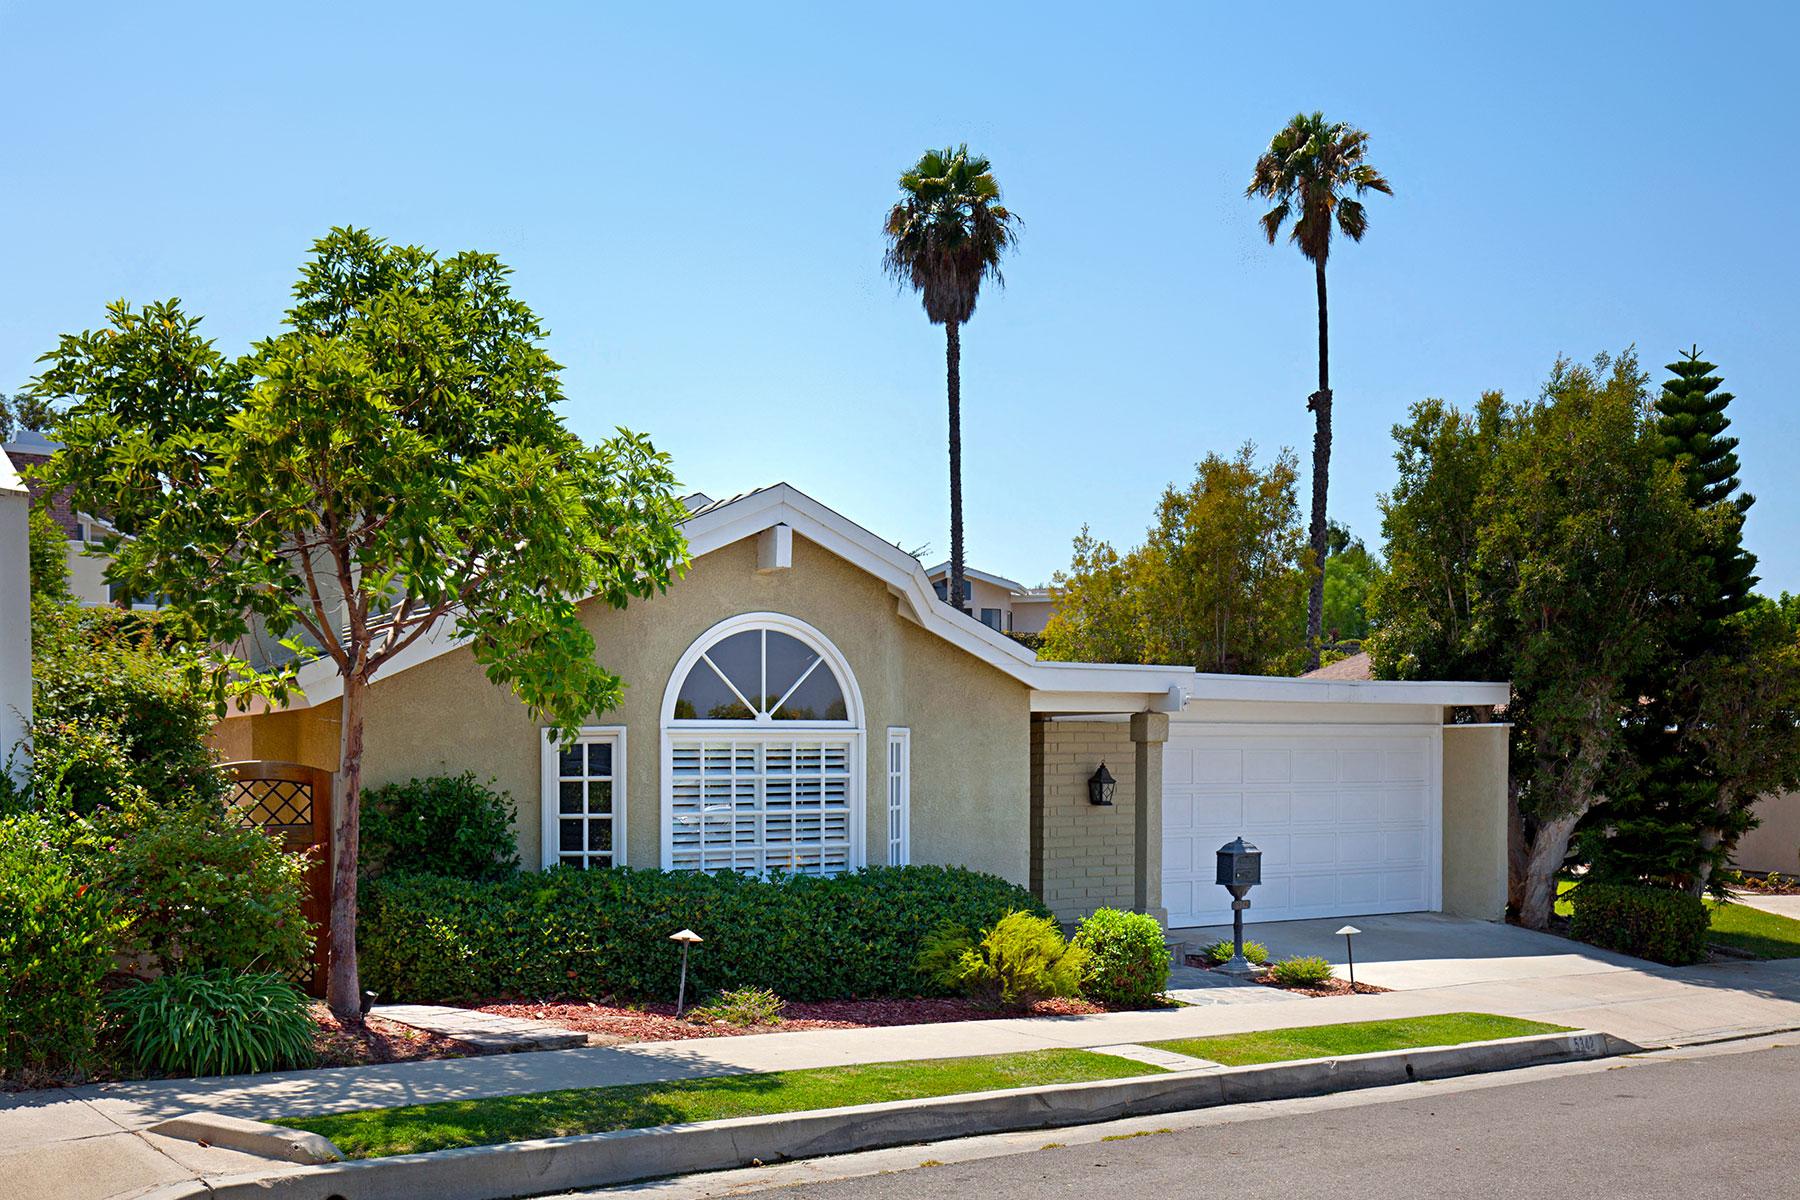 Частный односемейный дом для того Продажа на 5342 Blinn Lane Irvine, 92603 Соединенные Штаты